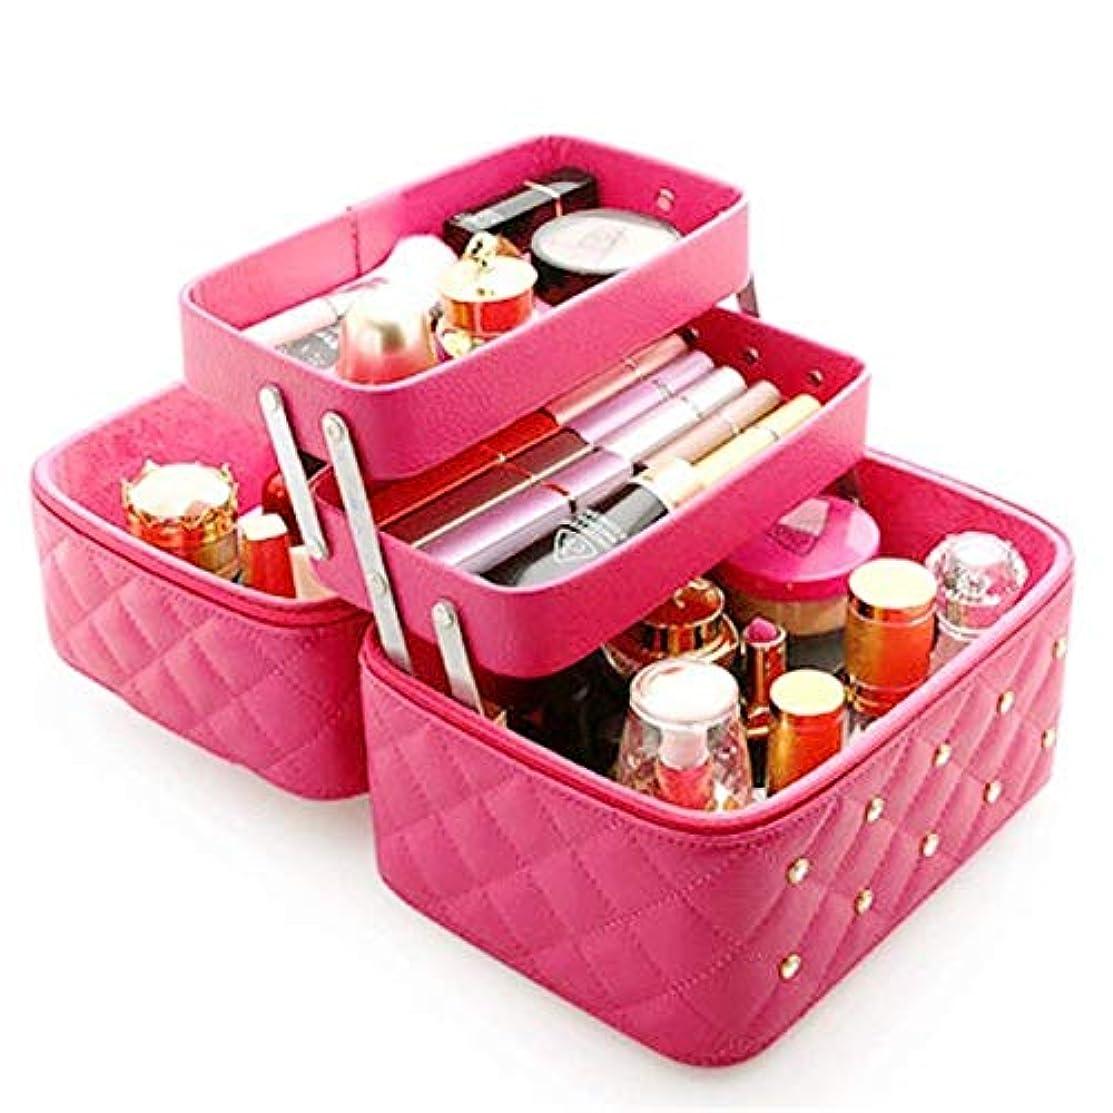 特派員中絶販売員持ち運びできる メイクボックス 大容量 取っ手付き コスメボックス 化粧品収納ボックス 収納ケース 小物入れ (ピンク)